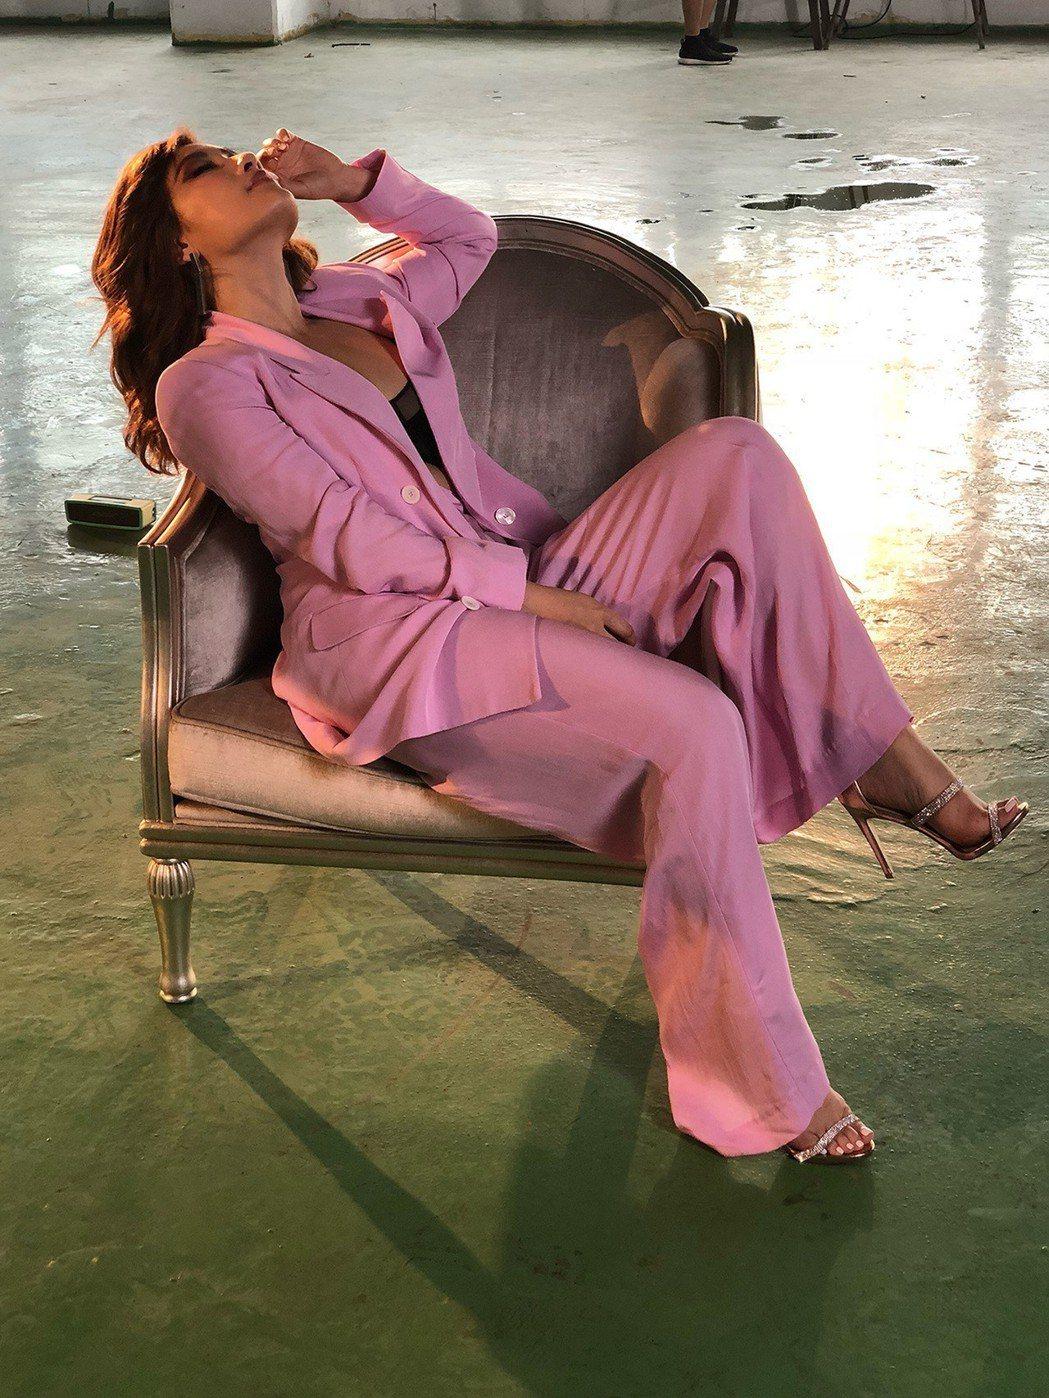 劉明湘穿著粉色套裝,性感展現34E奶。圖/劉明湘提供